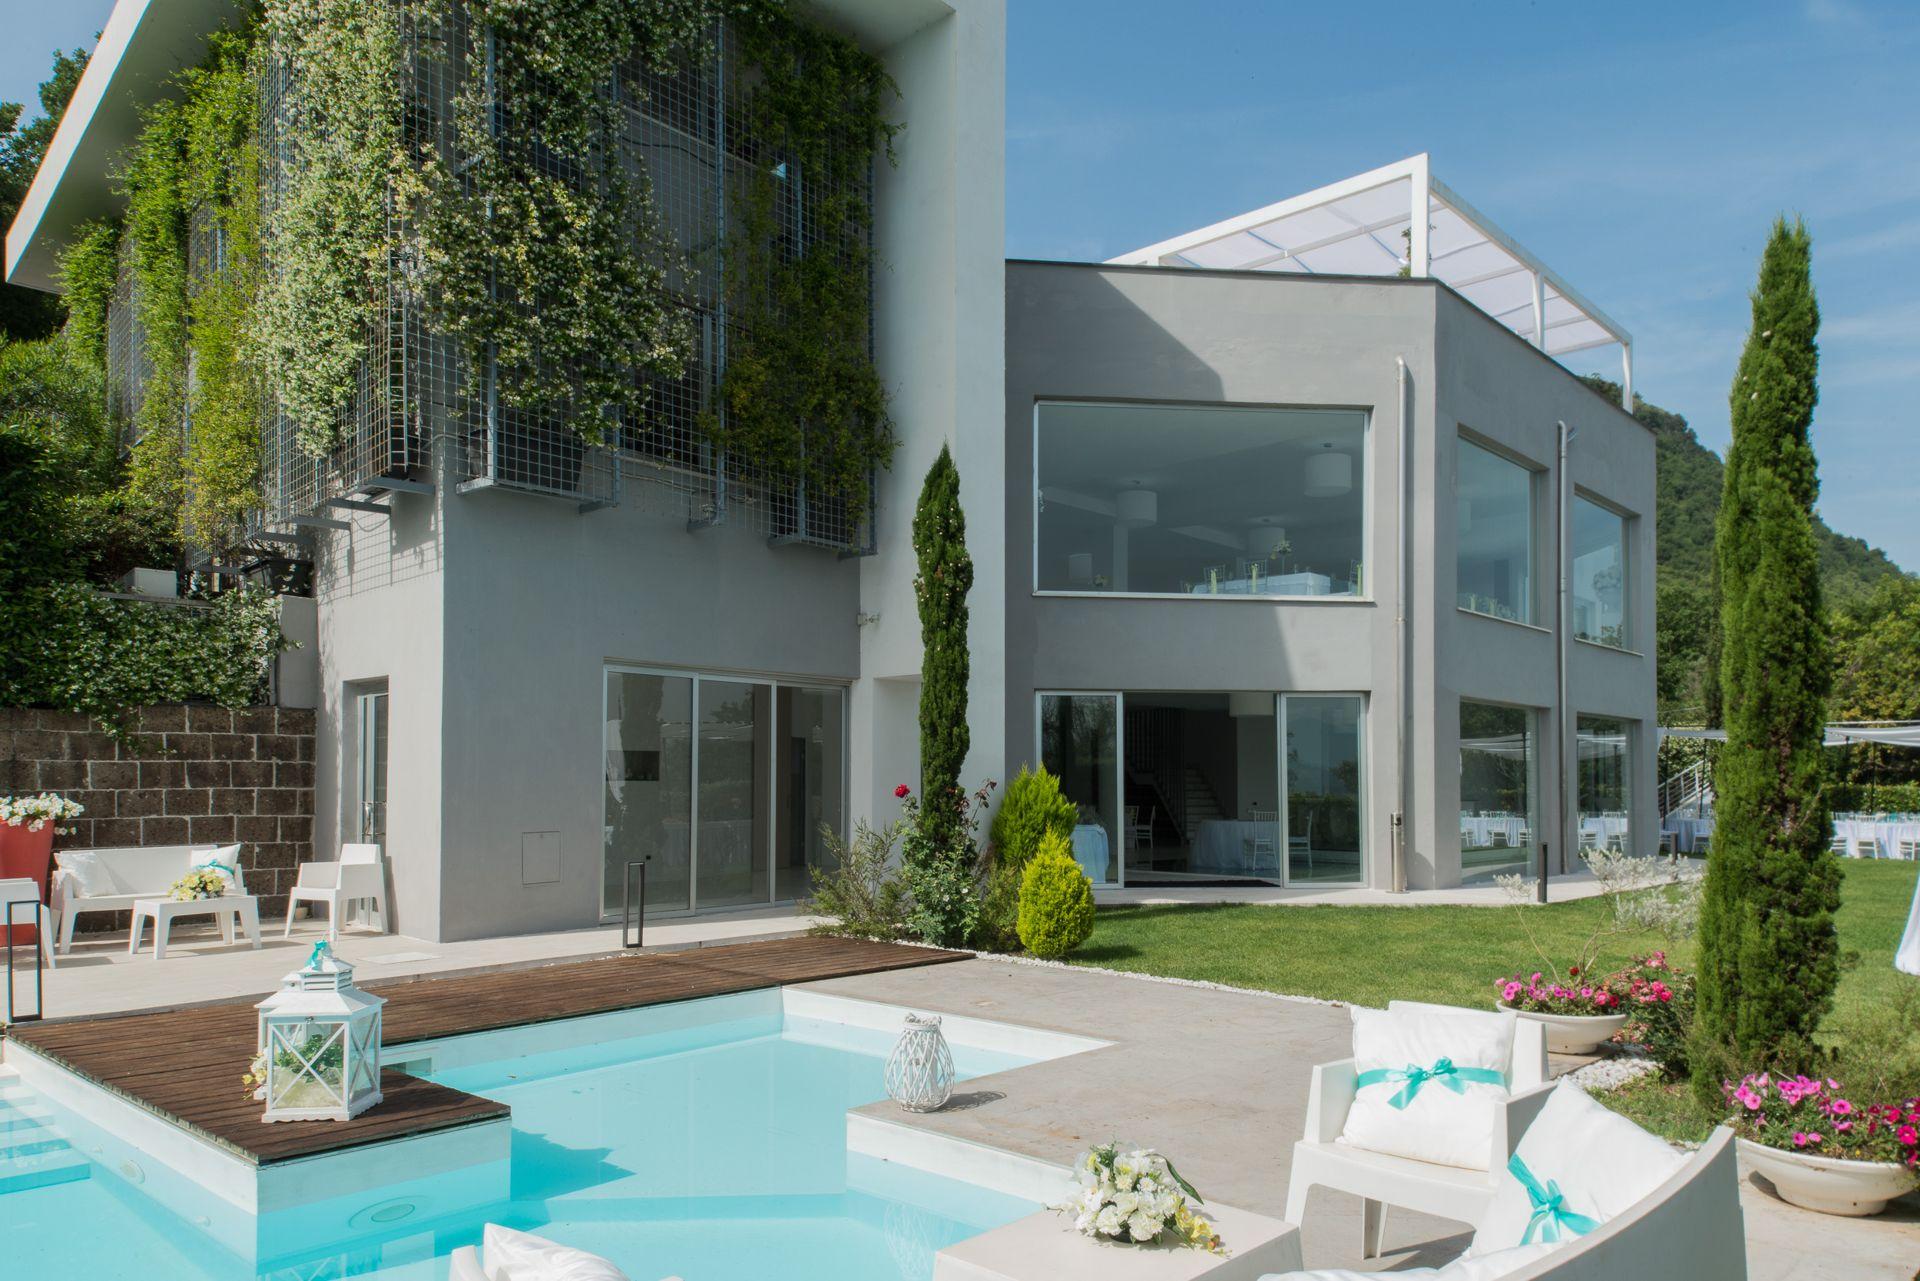 Villa giordano wedding events location moderna per il for Villa moderna